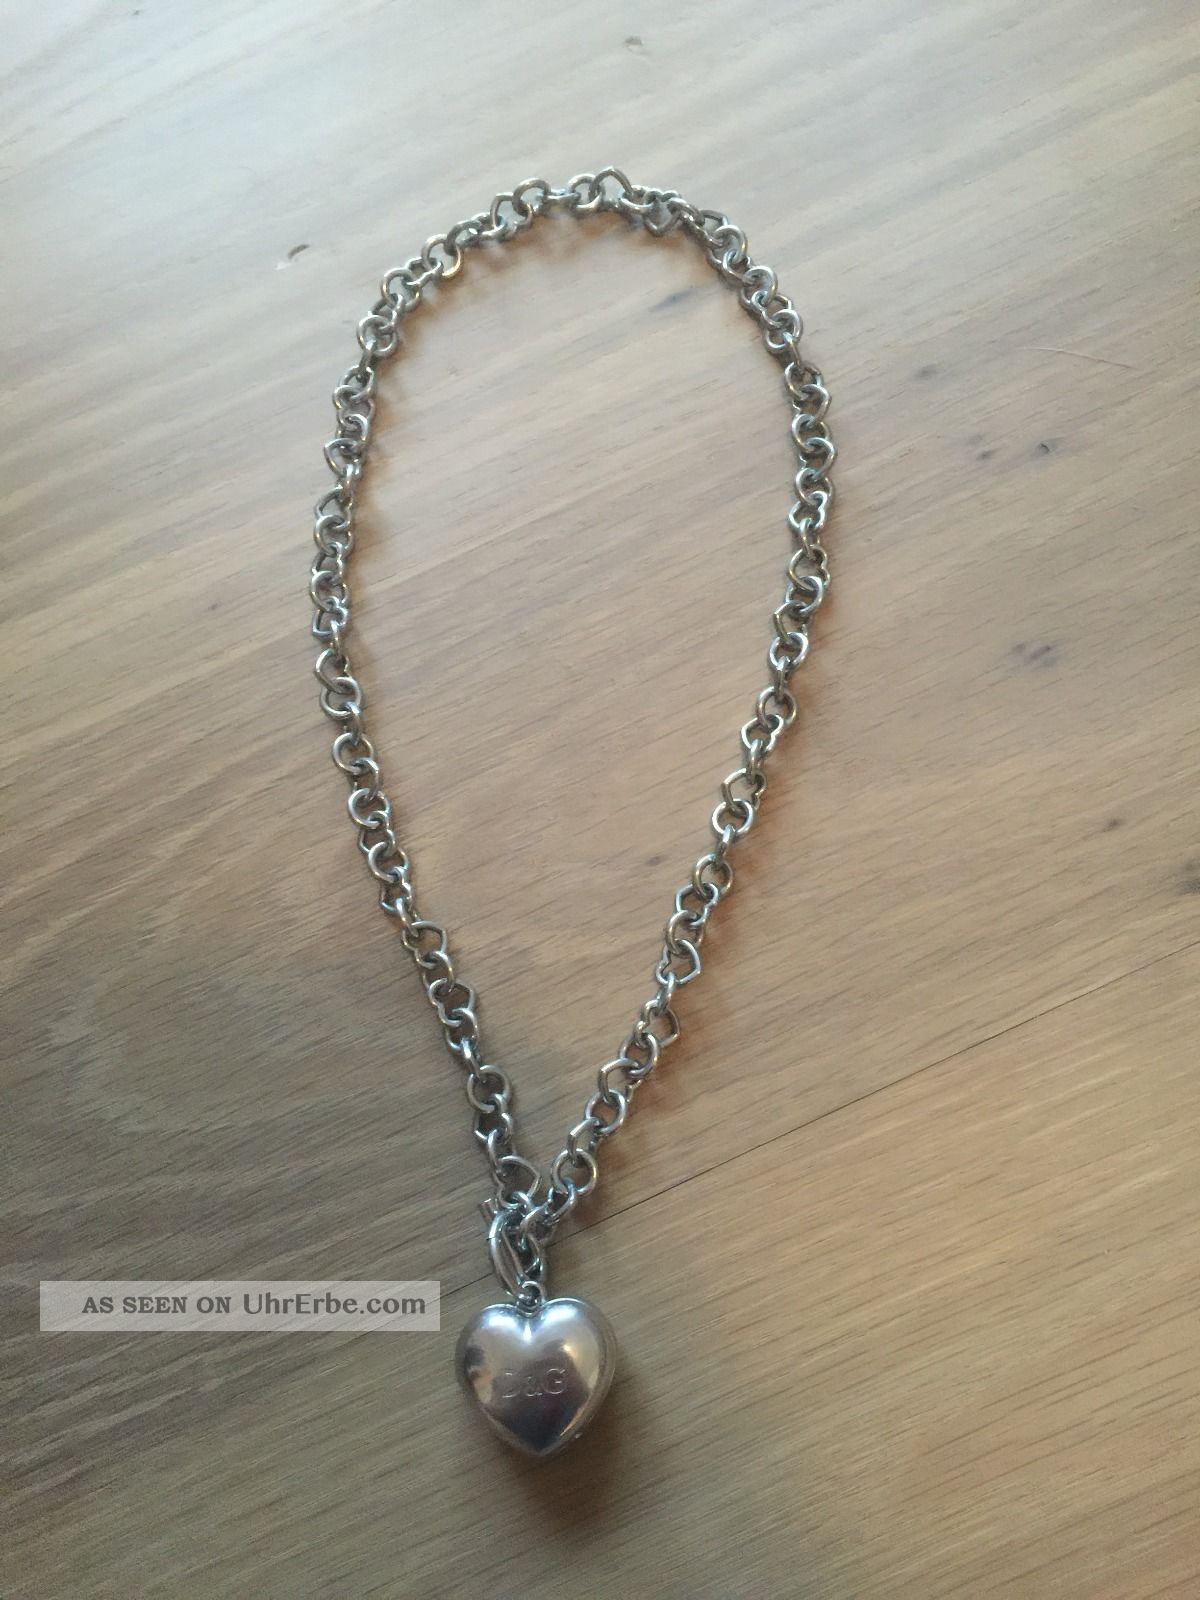 D&g Dolce & Gabbana Kette Mit Uhr / Armbanduhr Für Damen Armbanduhren Bild